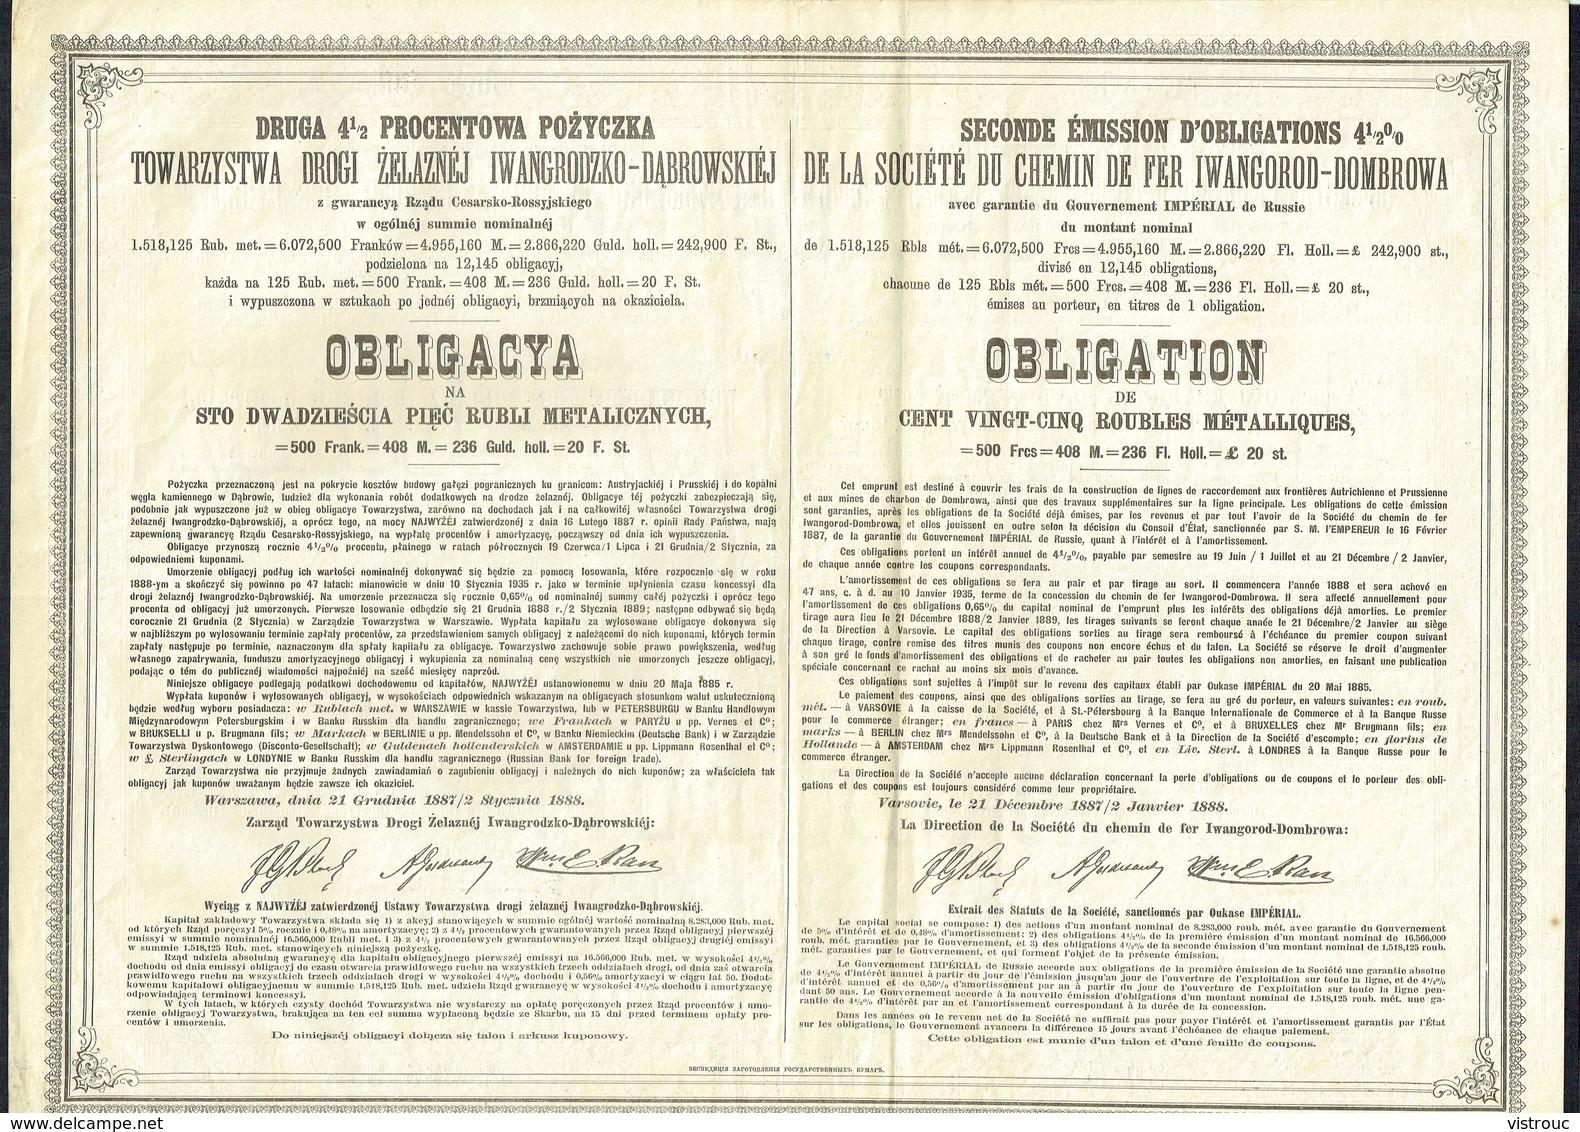 Varsovie - SOCIETE DU CHEMIN DE FER IWANGOROD-DOMBROWA - Obligation De 125 Roubles - 12.145 EA - 1888. - Chemin De Fer & Tramway